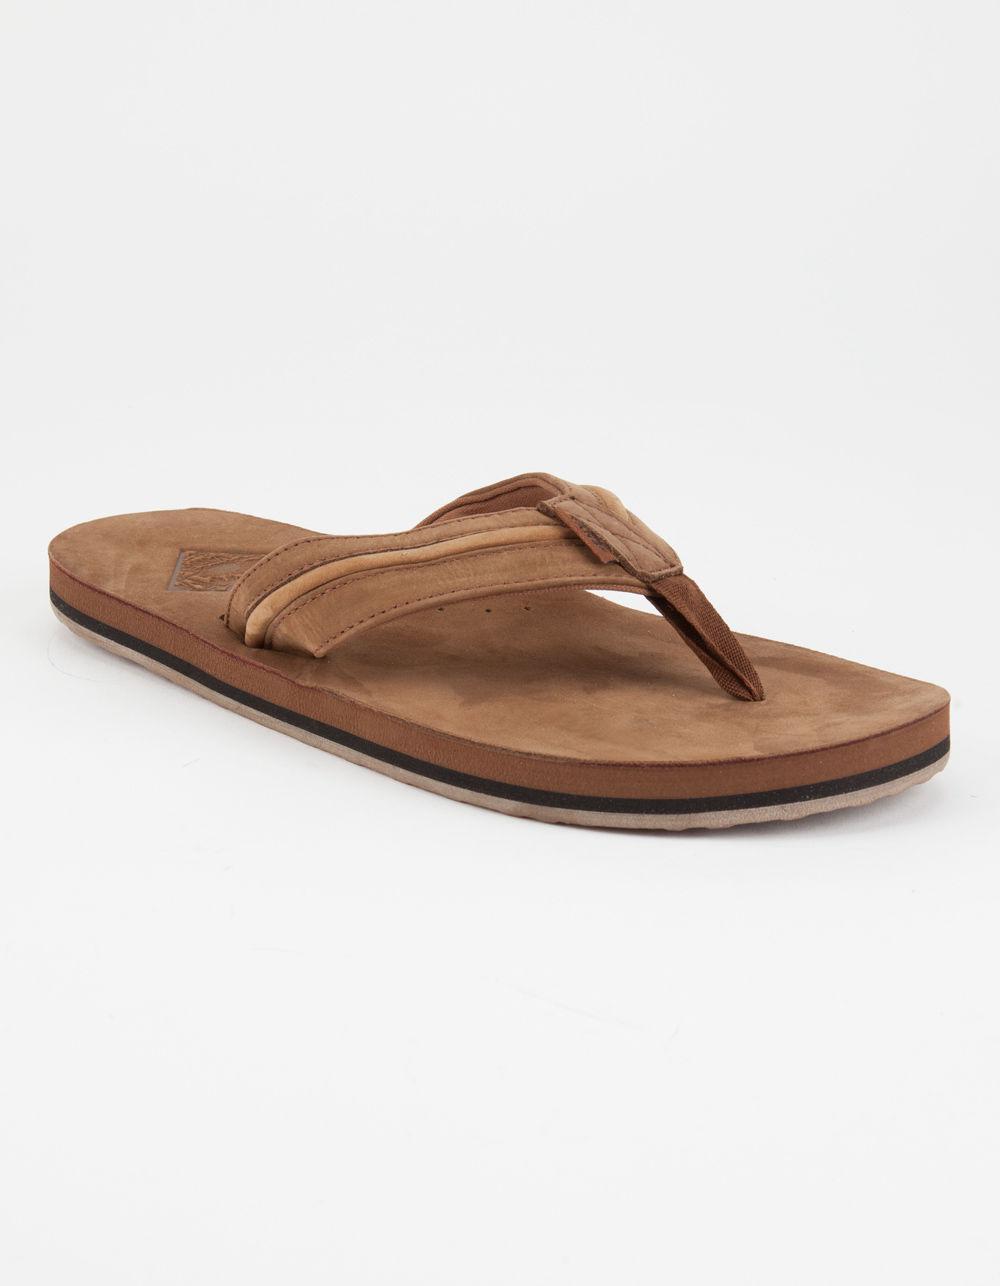 faed7c0693 Lyst - Vans Nexpa Lx Mens Sandals in Brown for Men